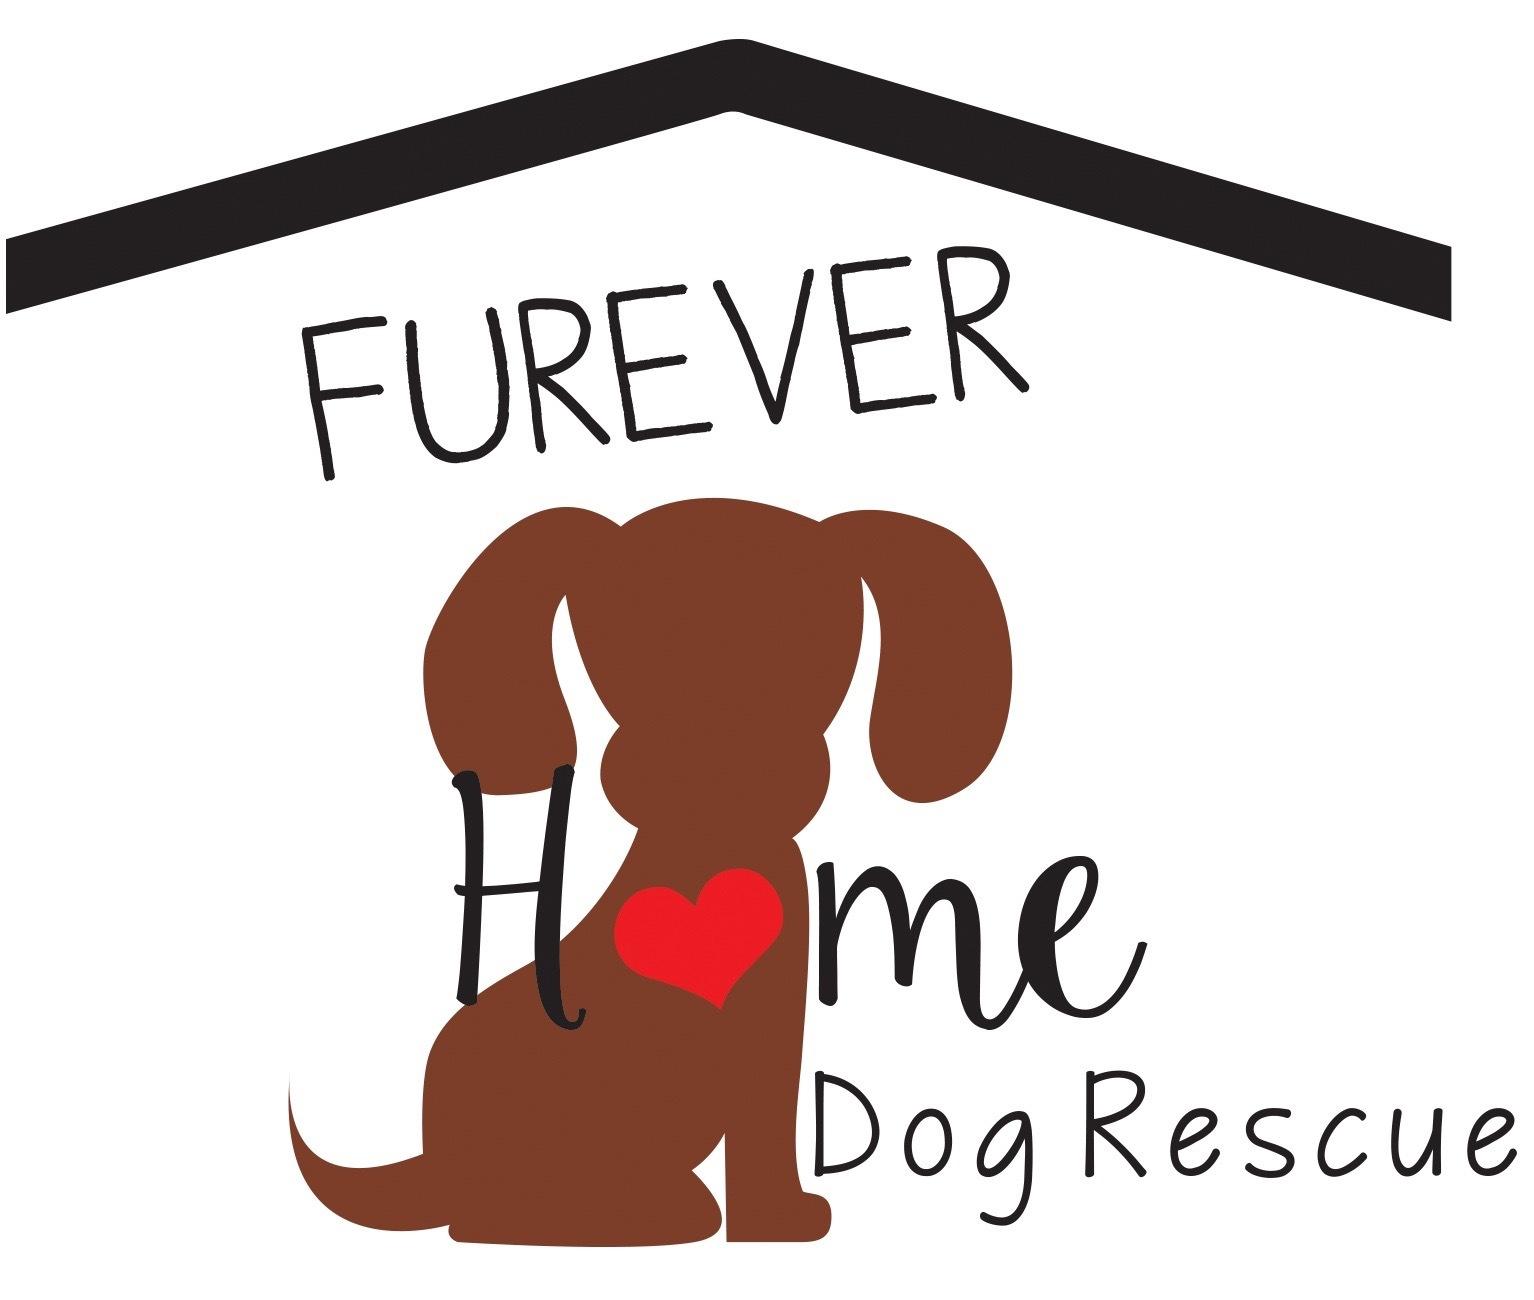 Furever Home Dog Rescue